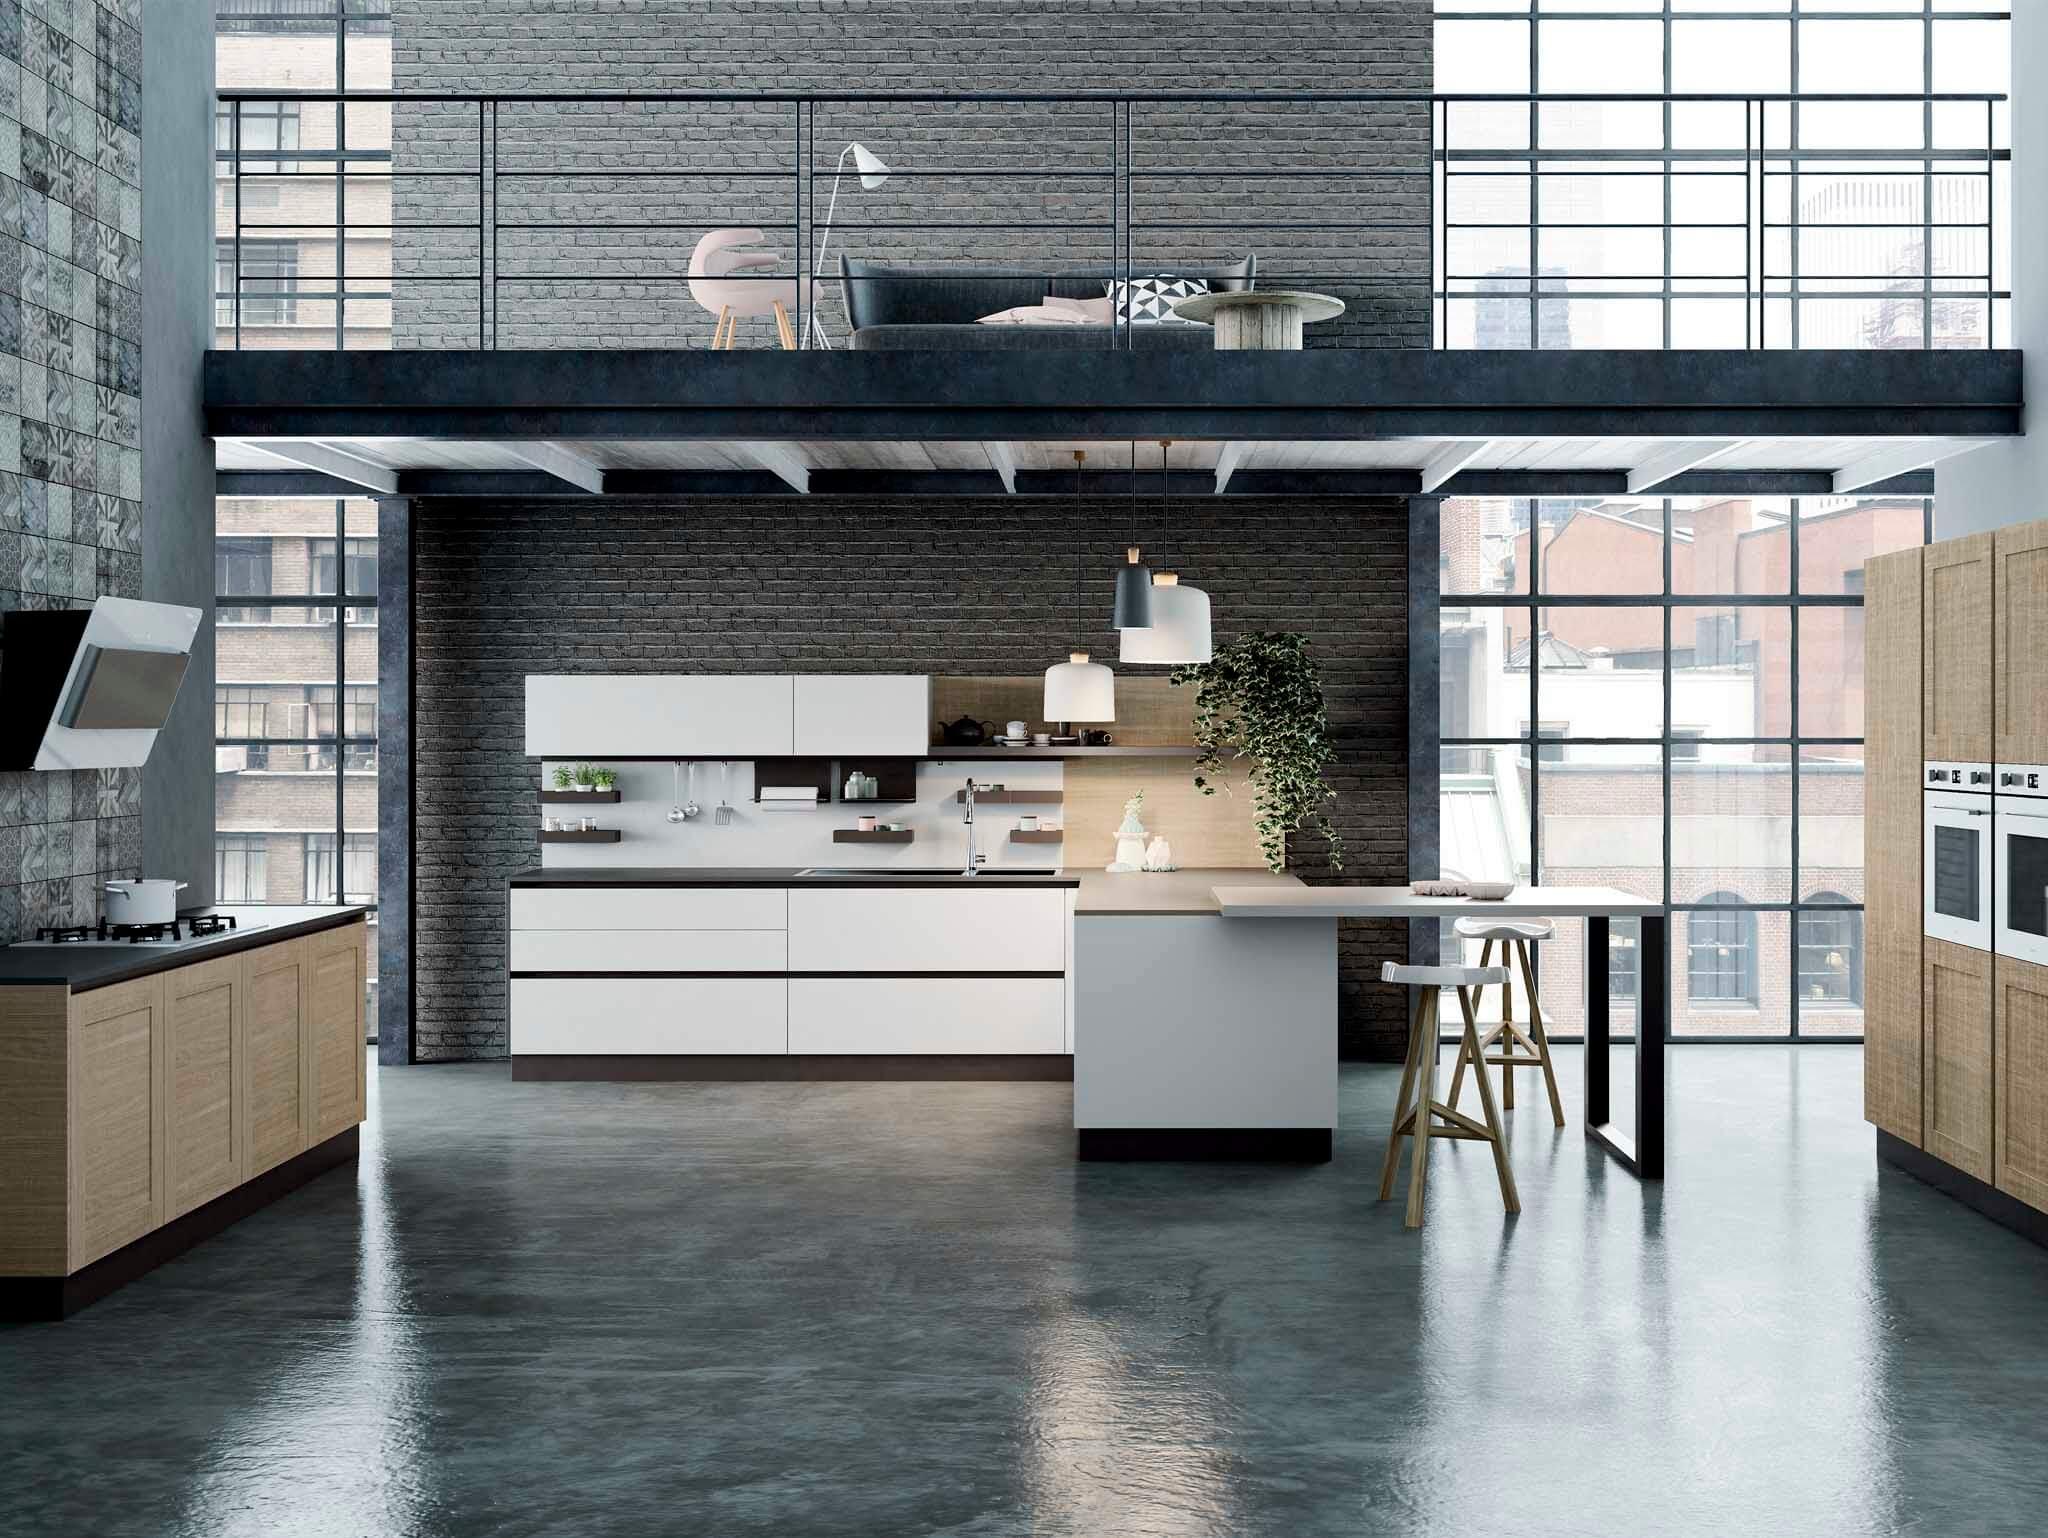 tiffany kitchen cabinetry archisesto chicago